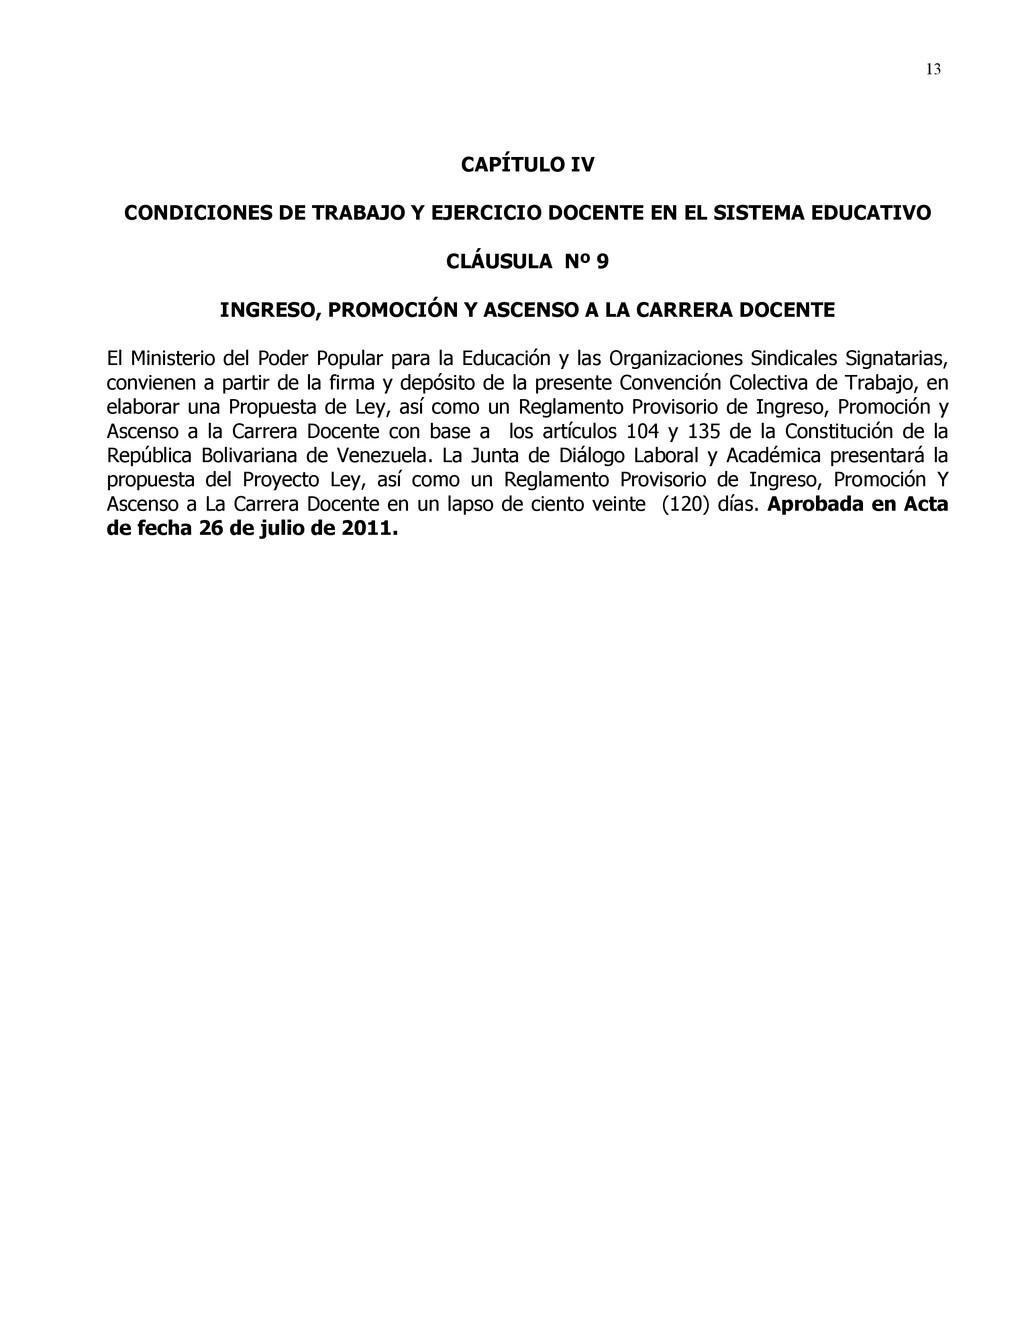 13 CAPÍTULO IV CONDICIONES DE TRABAJO Y EJERCIC...